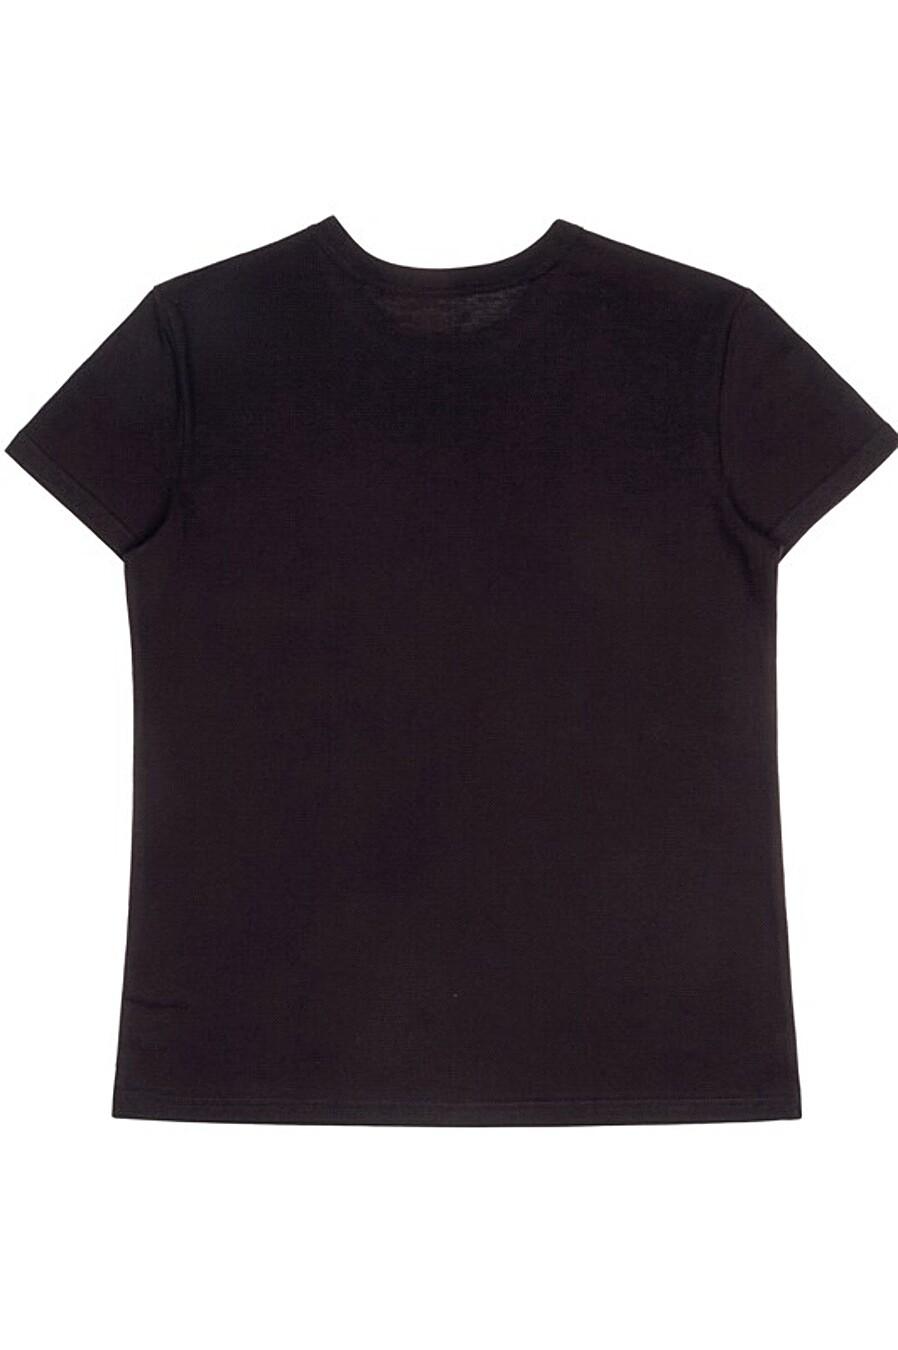 Футболка для женщин Archi 239023 купить оптом от производителя. Совместная покупка женской одежды в OptMoyo